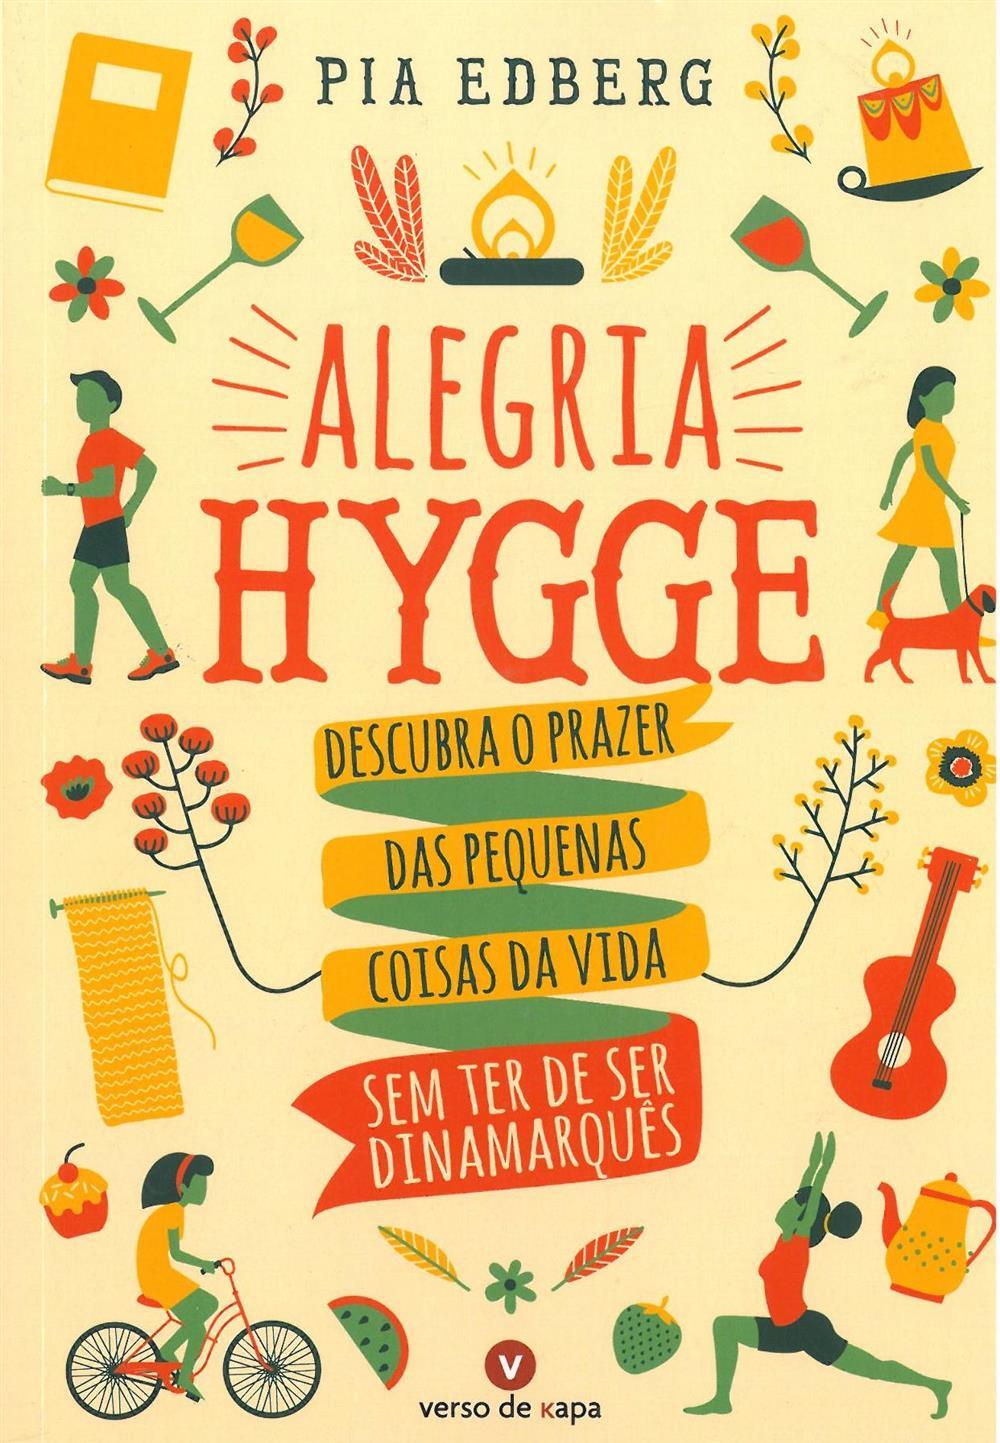 Alegria Hygge_.jpg